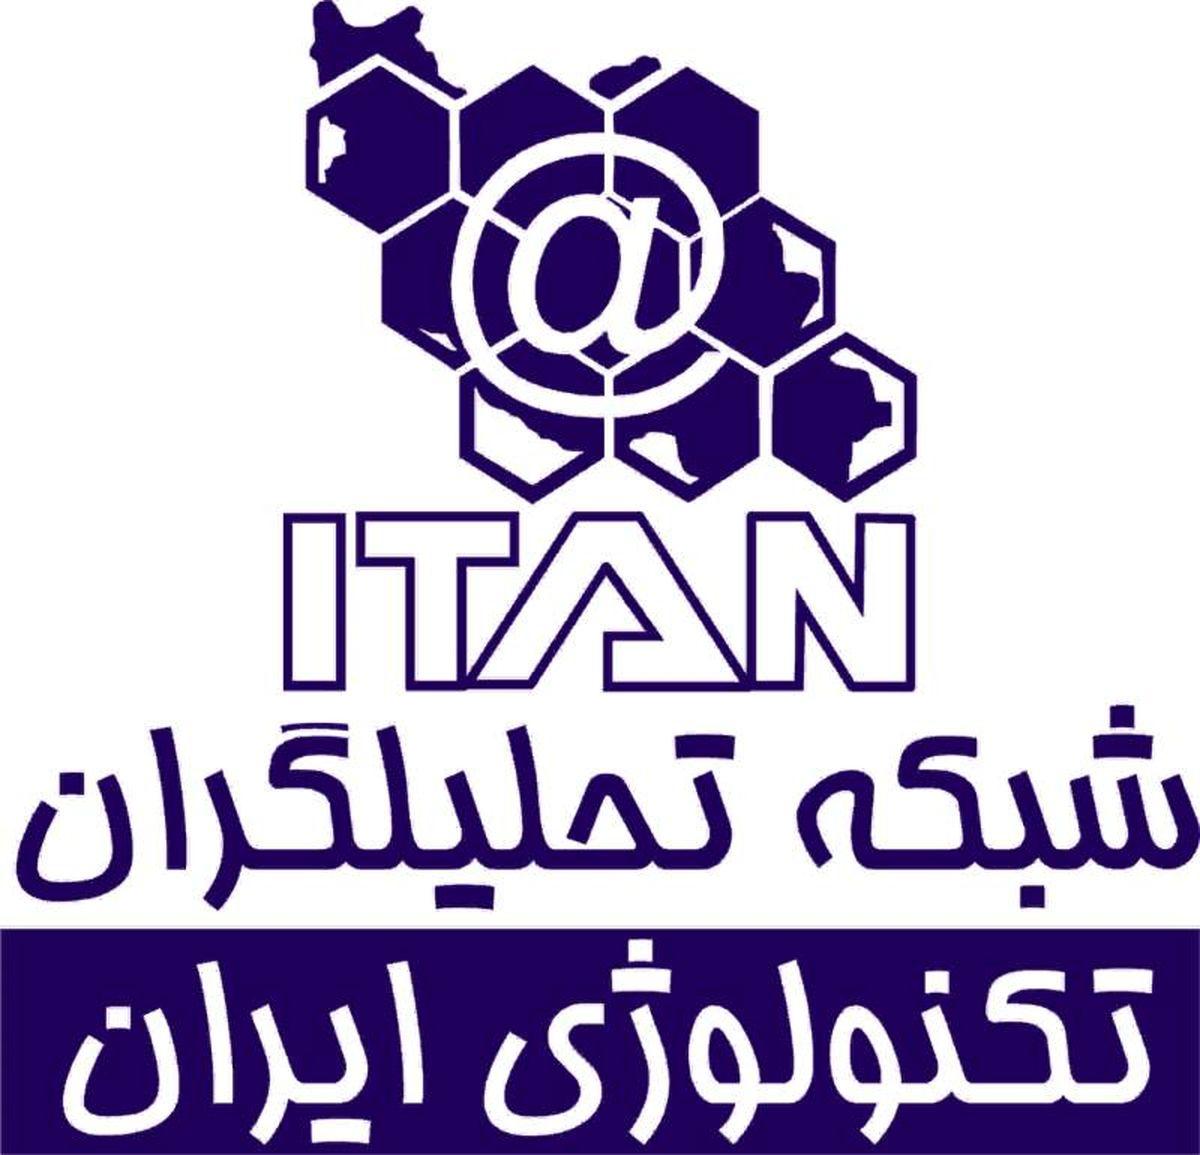 تشدید مشکلات بازار مواد غذایی با احیا وزارت بازرگانی و حفظ ارز ۴۲۰۰